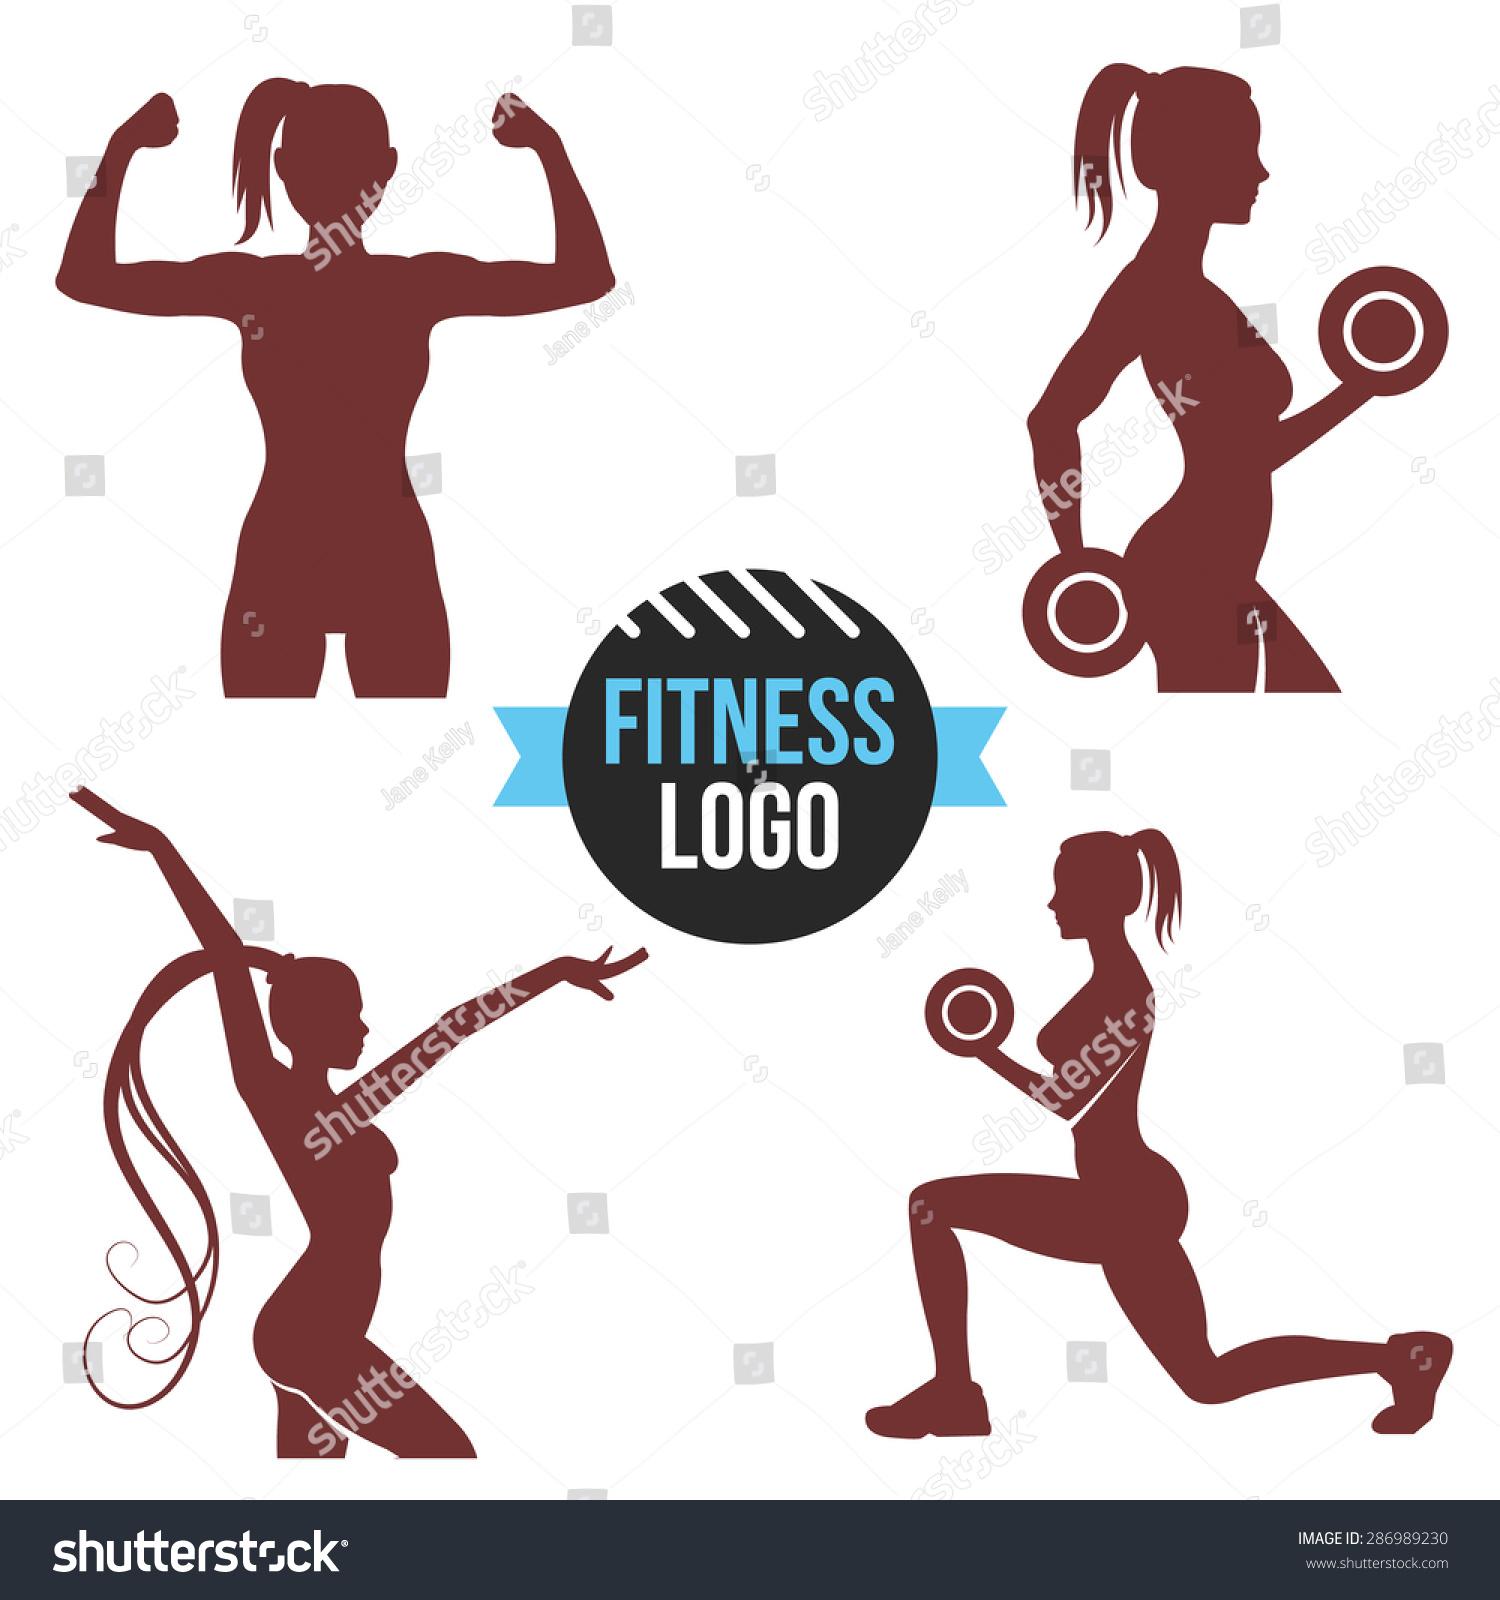 健身产品设计手绘稿